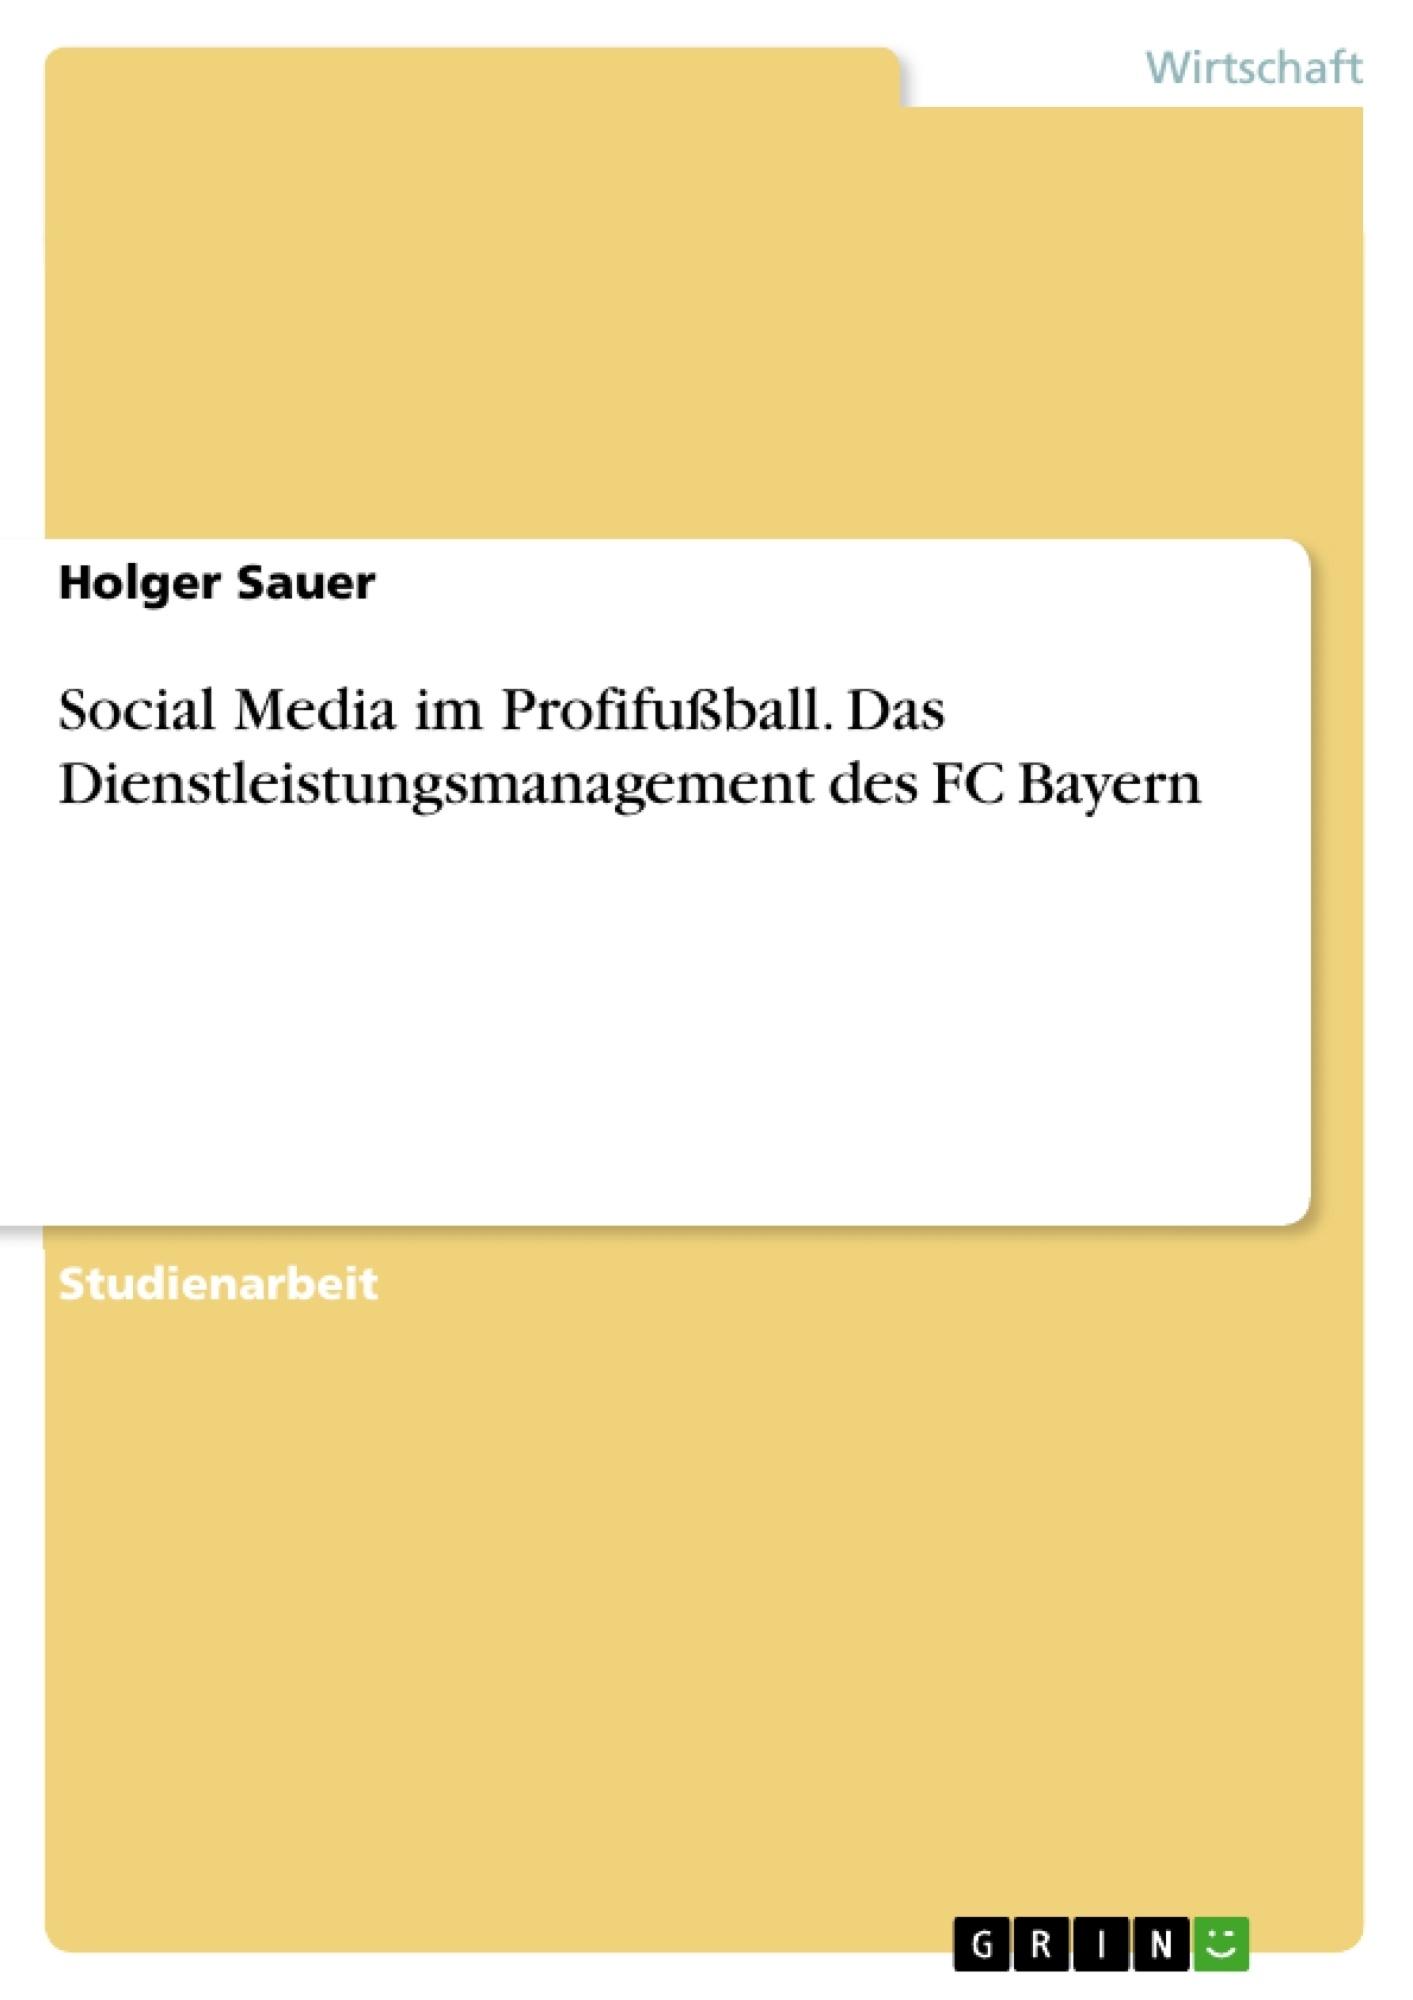 Titel: Social Media im Profifußball. Das Dienstleistungsmanagement des FC Bayern